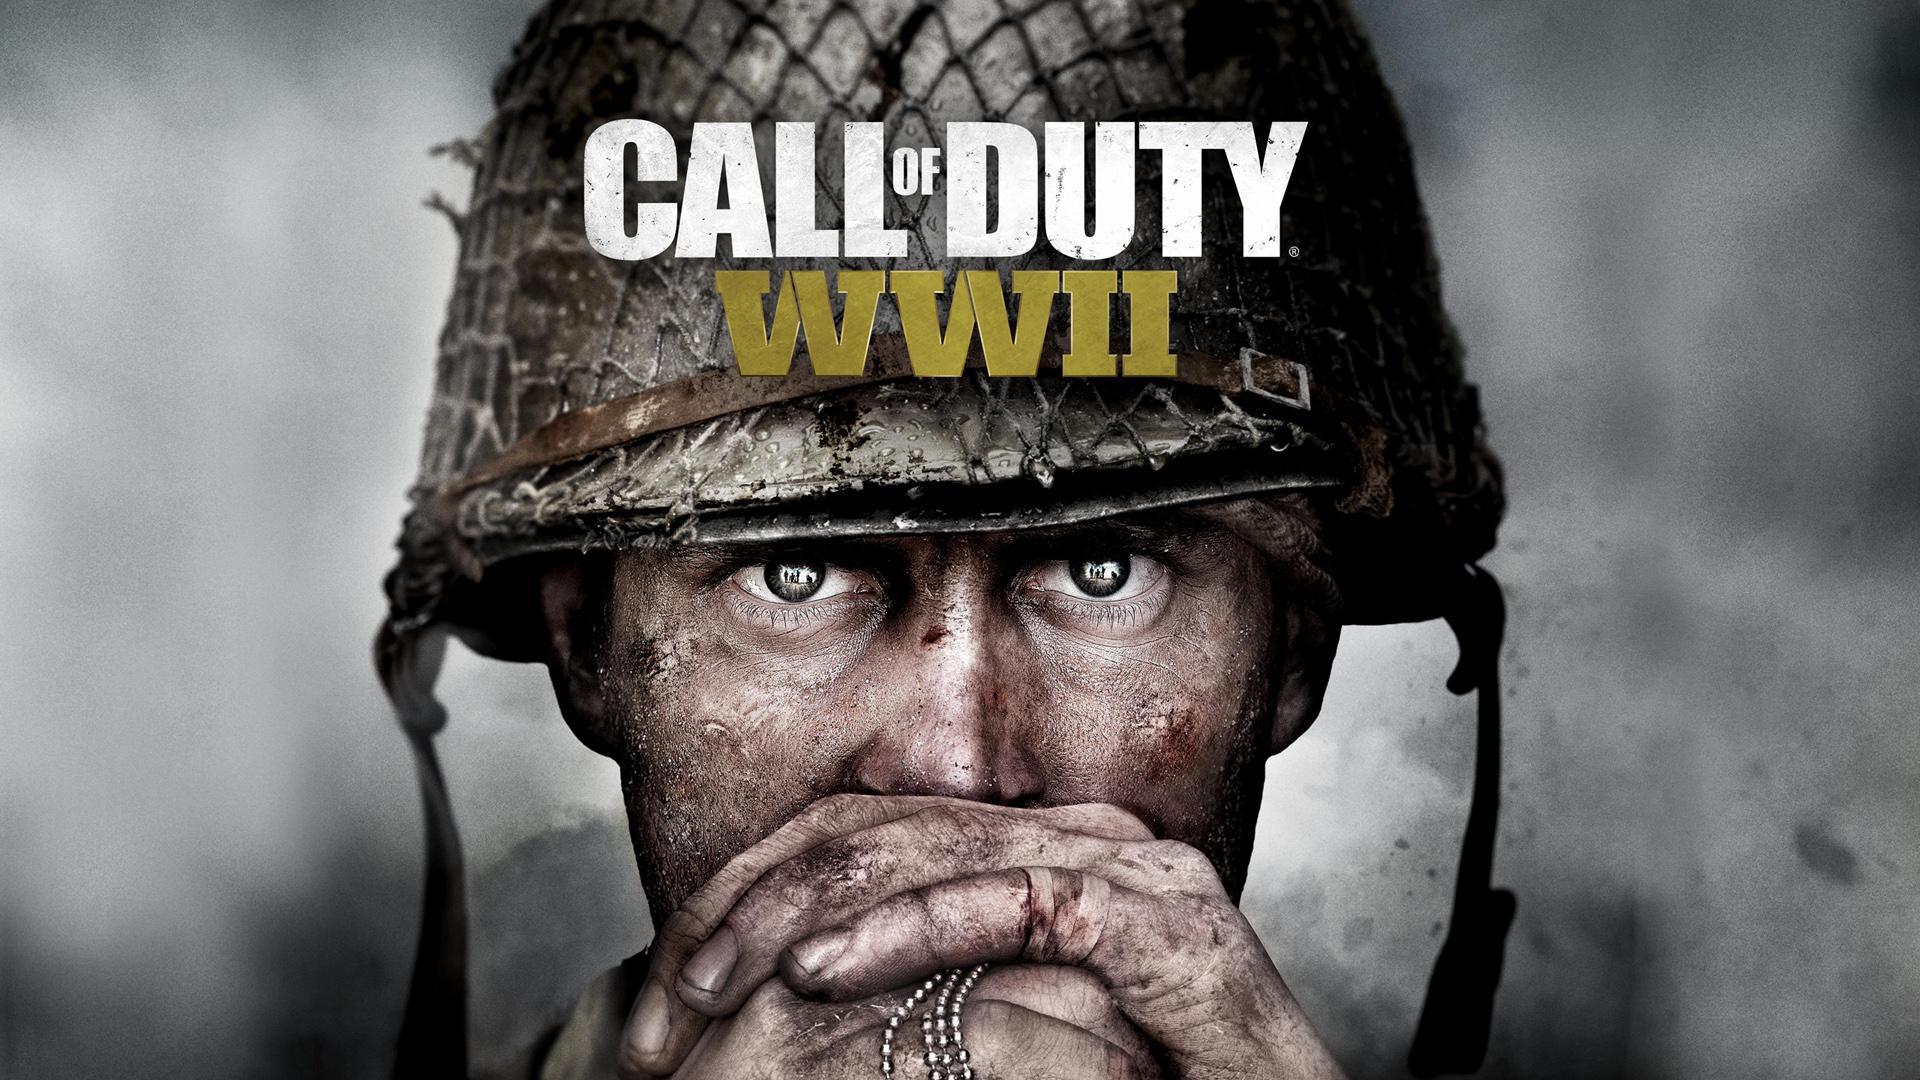 知名FPS游戏《使命召唤14:二战》已经在不久前发售,并且获得了媒体的广泛好评。本作由大锤工作室开发,动视发行,带领玩家重返二战战场,以上就是当游网为各位玩家带来本作的高清壁纸。